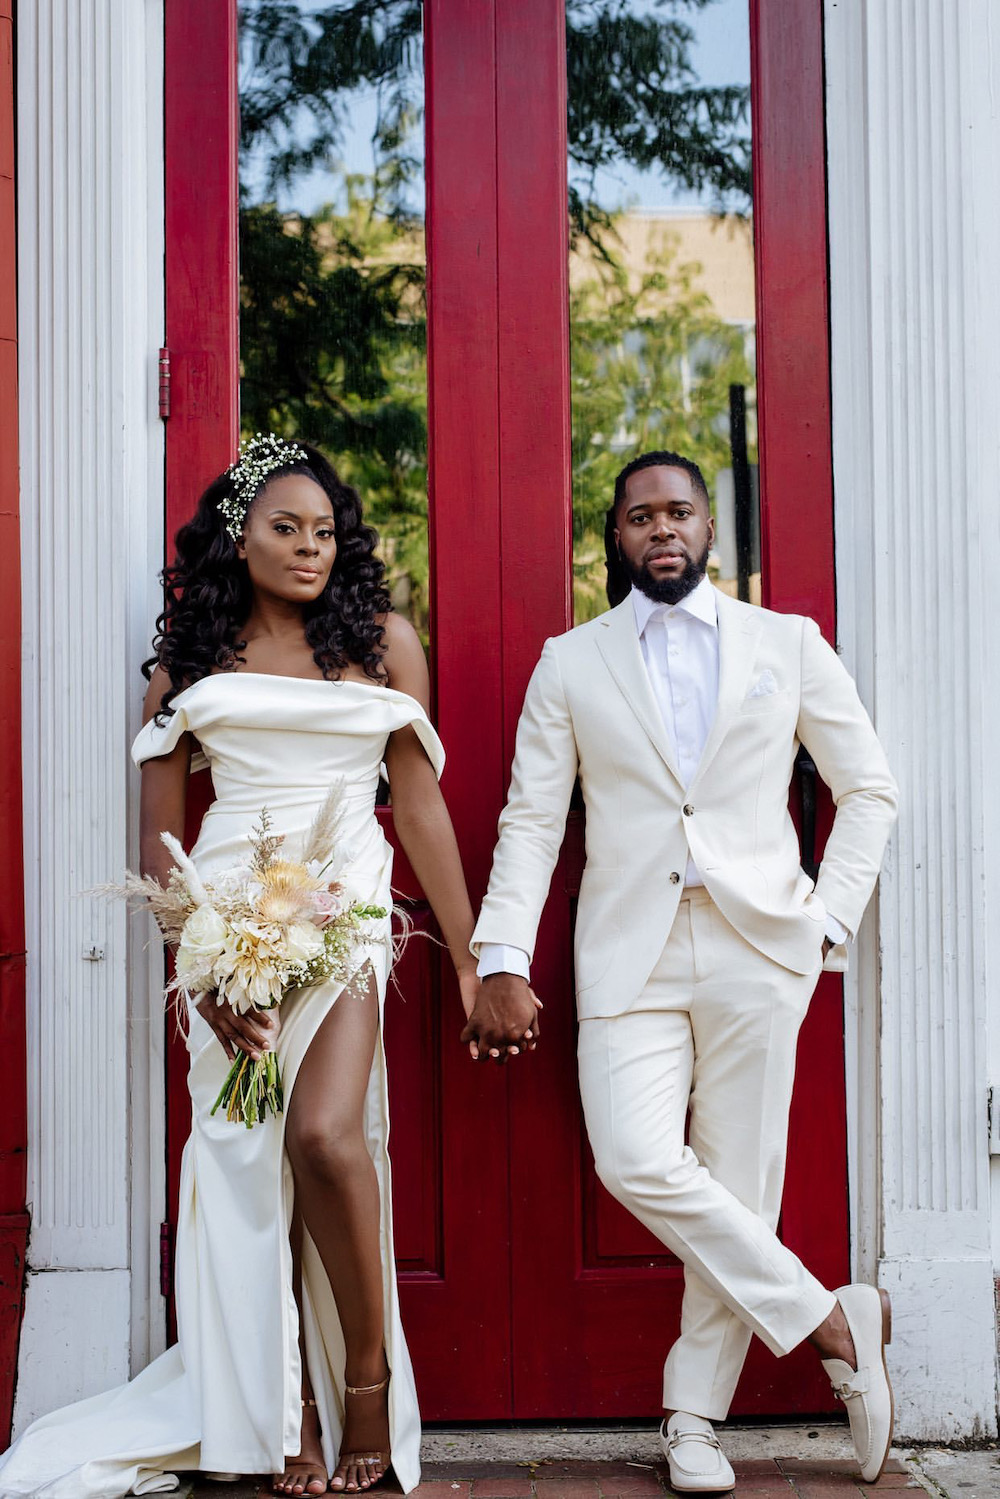 off-shoulder long wedding dress with slit